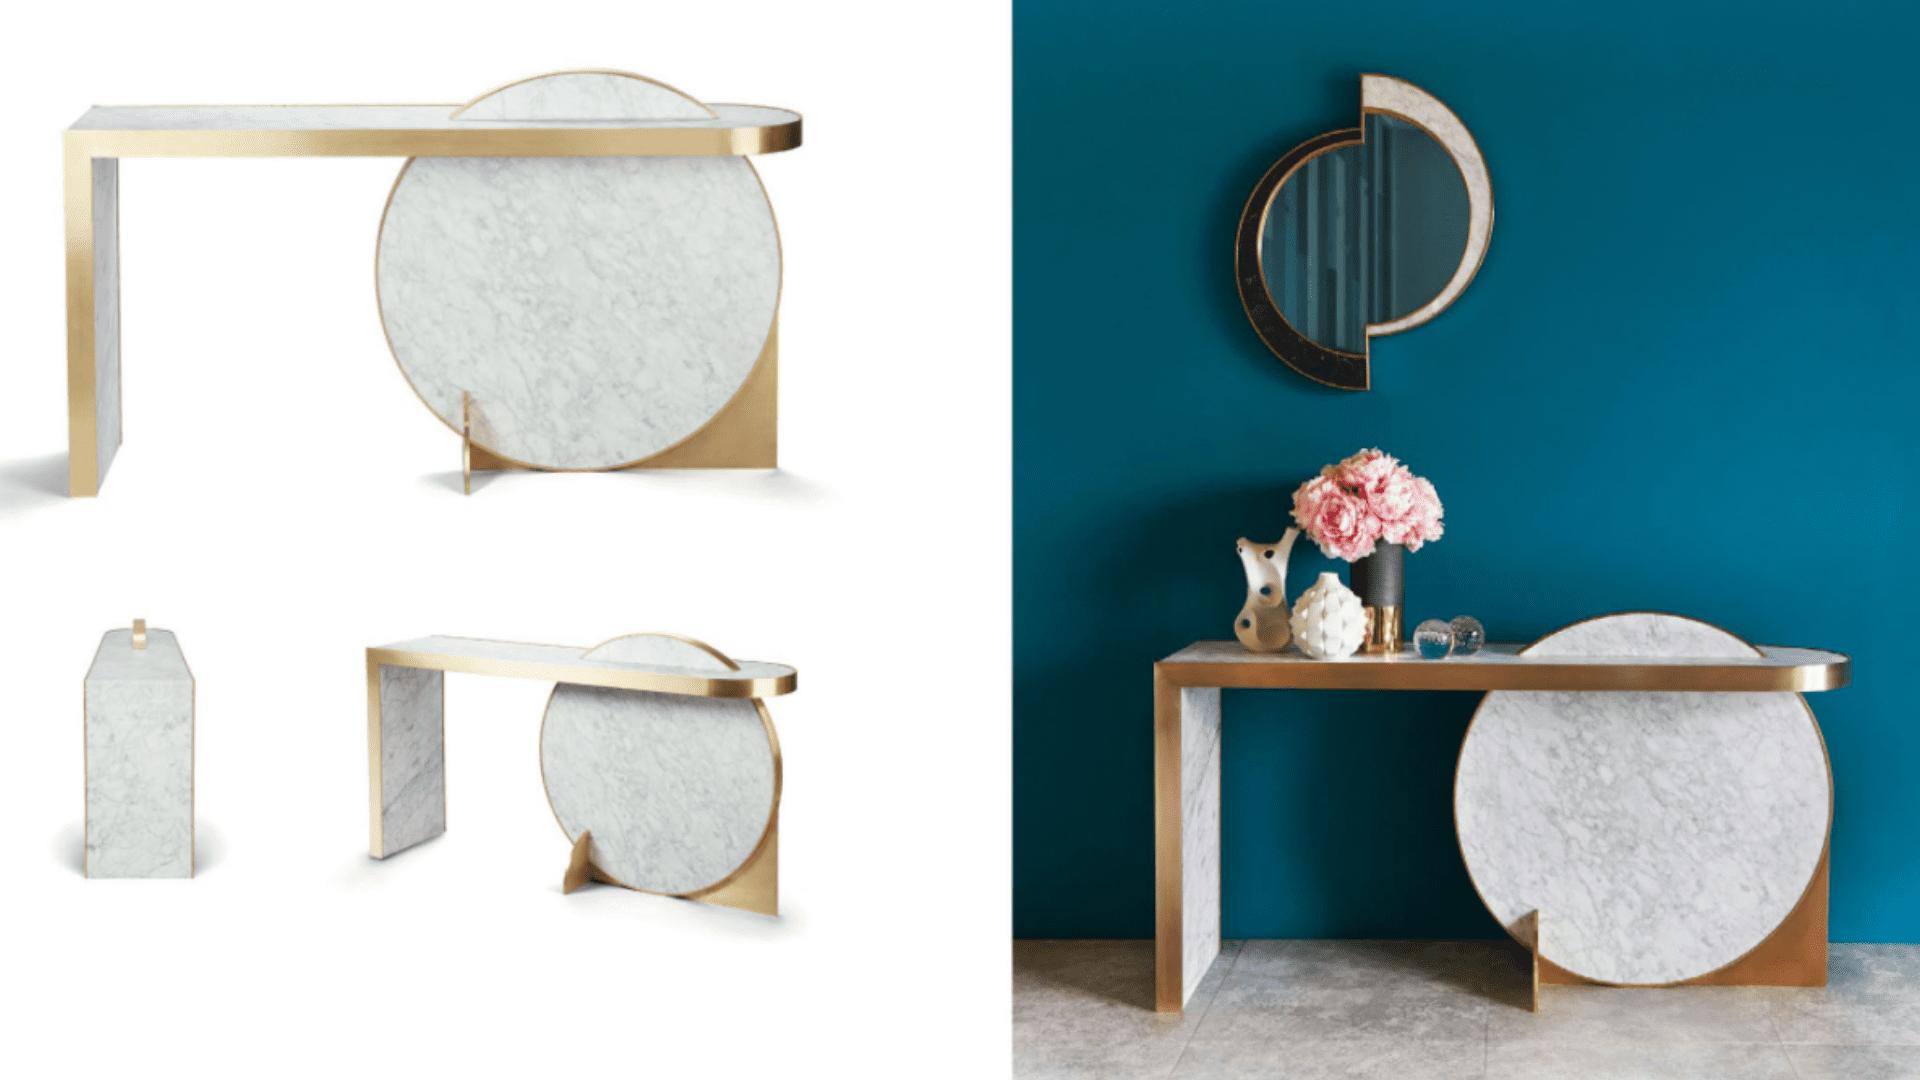 Lara bohinc-the curves spherical shapes designer